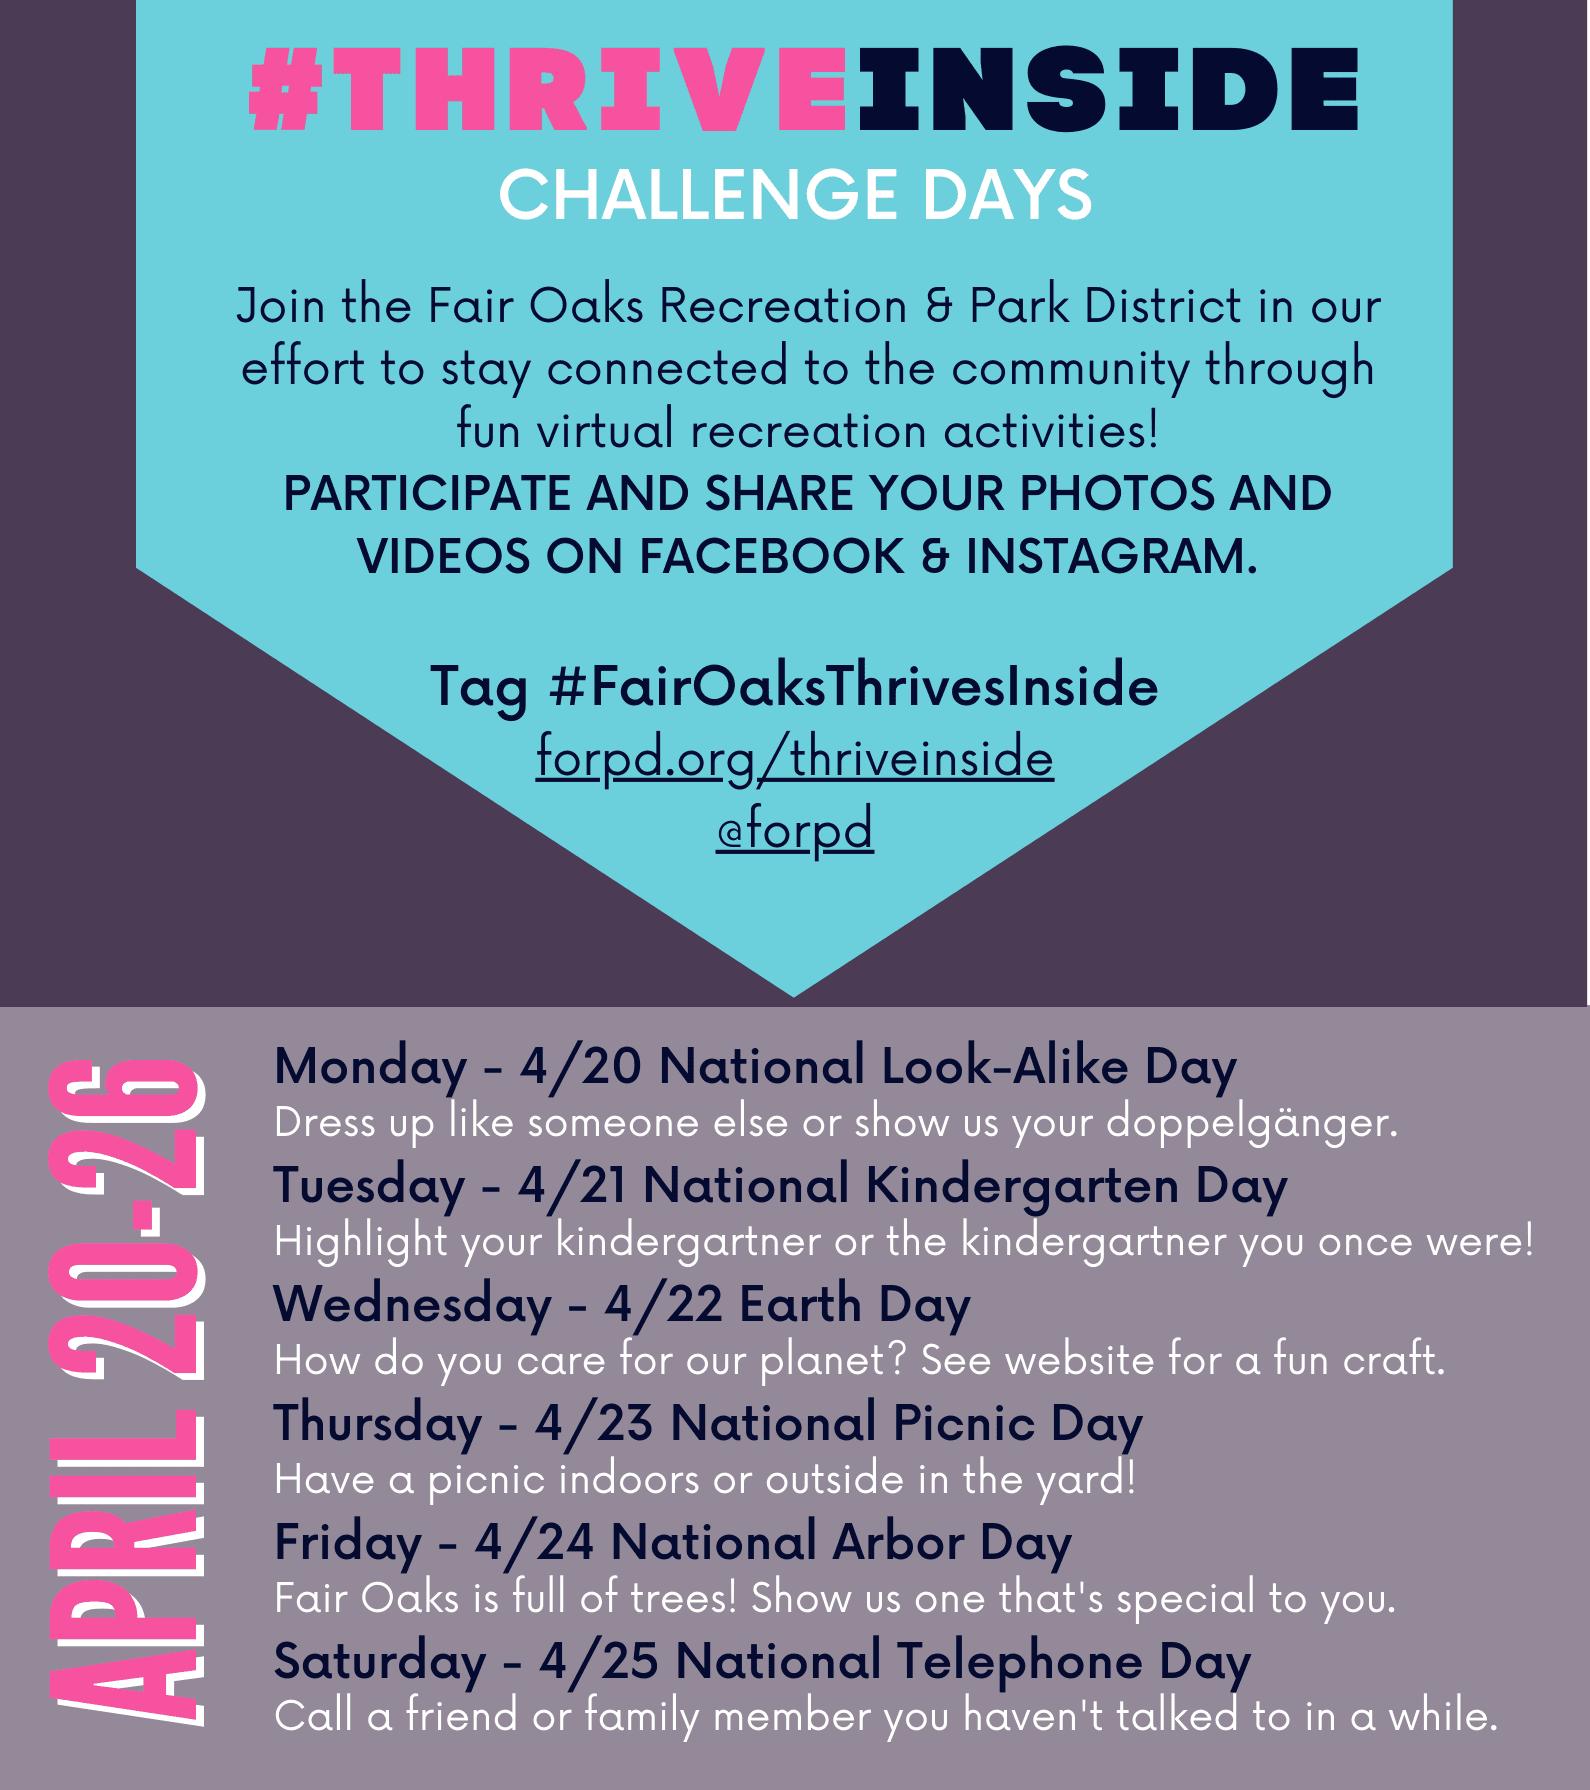 #FairOaksThrivesInside Weekly Challenges